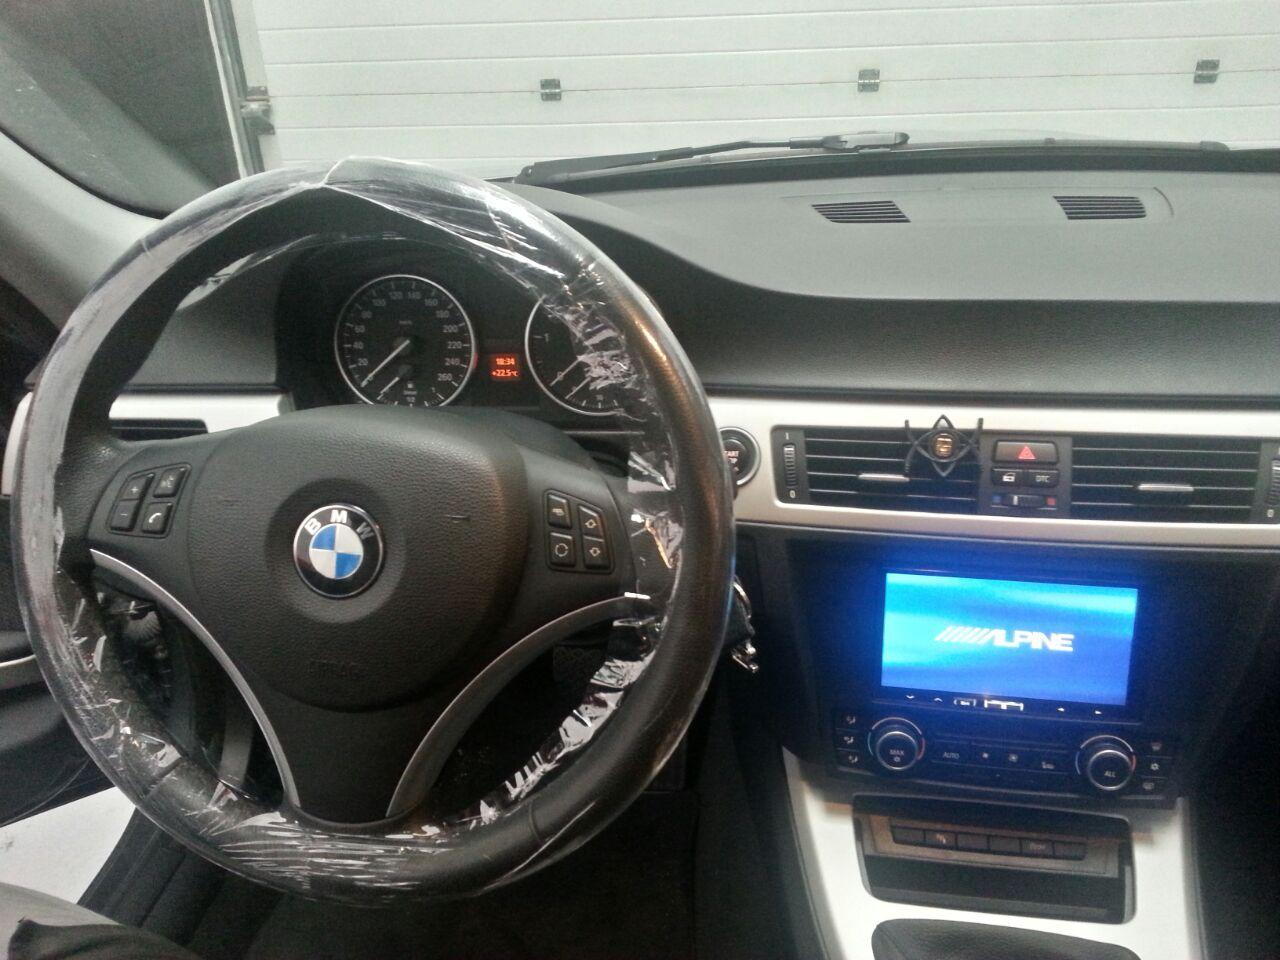 Instalación de un Alpine ILX700 en un BMW E90 | Crossaudio ...